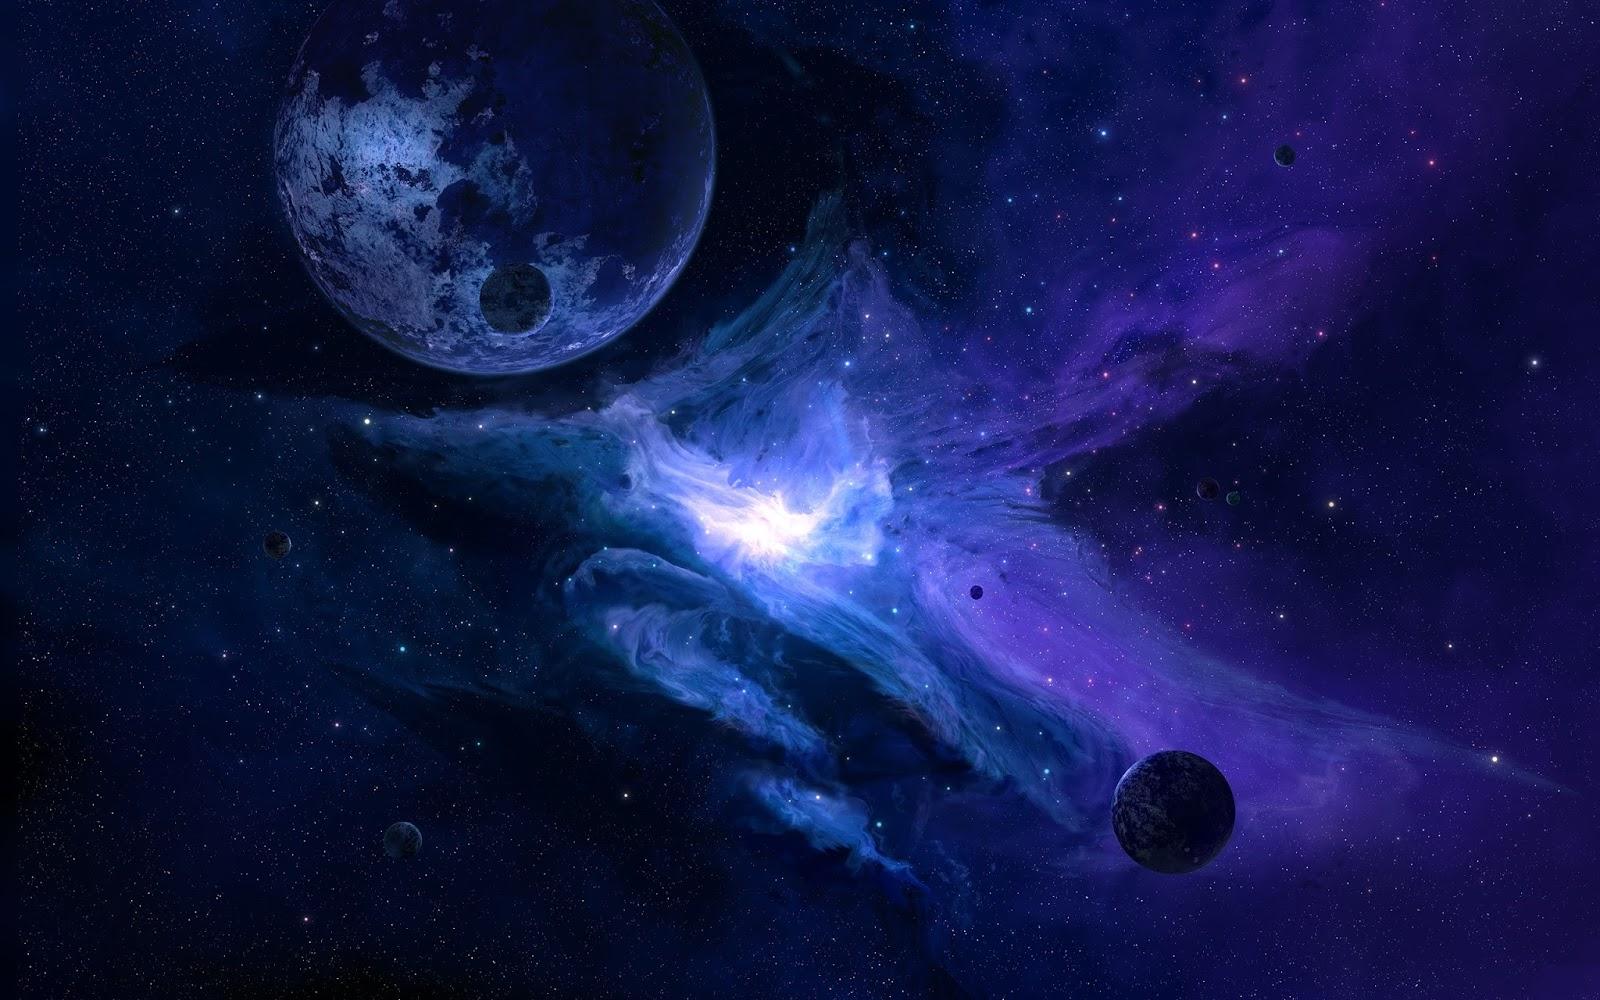 BANCO DE IMAGENES GRATIS: Las mejores imágenes del espacio IV - Space ...